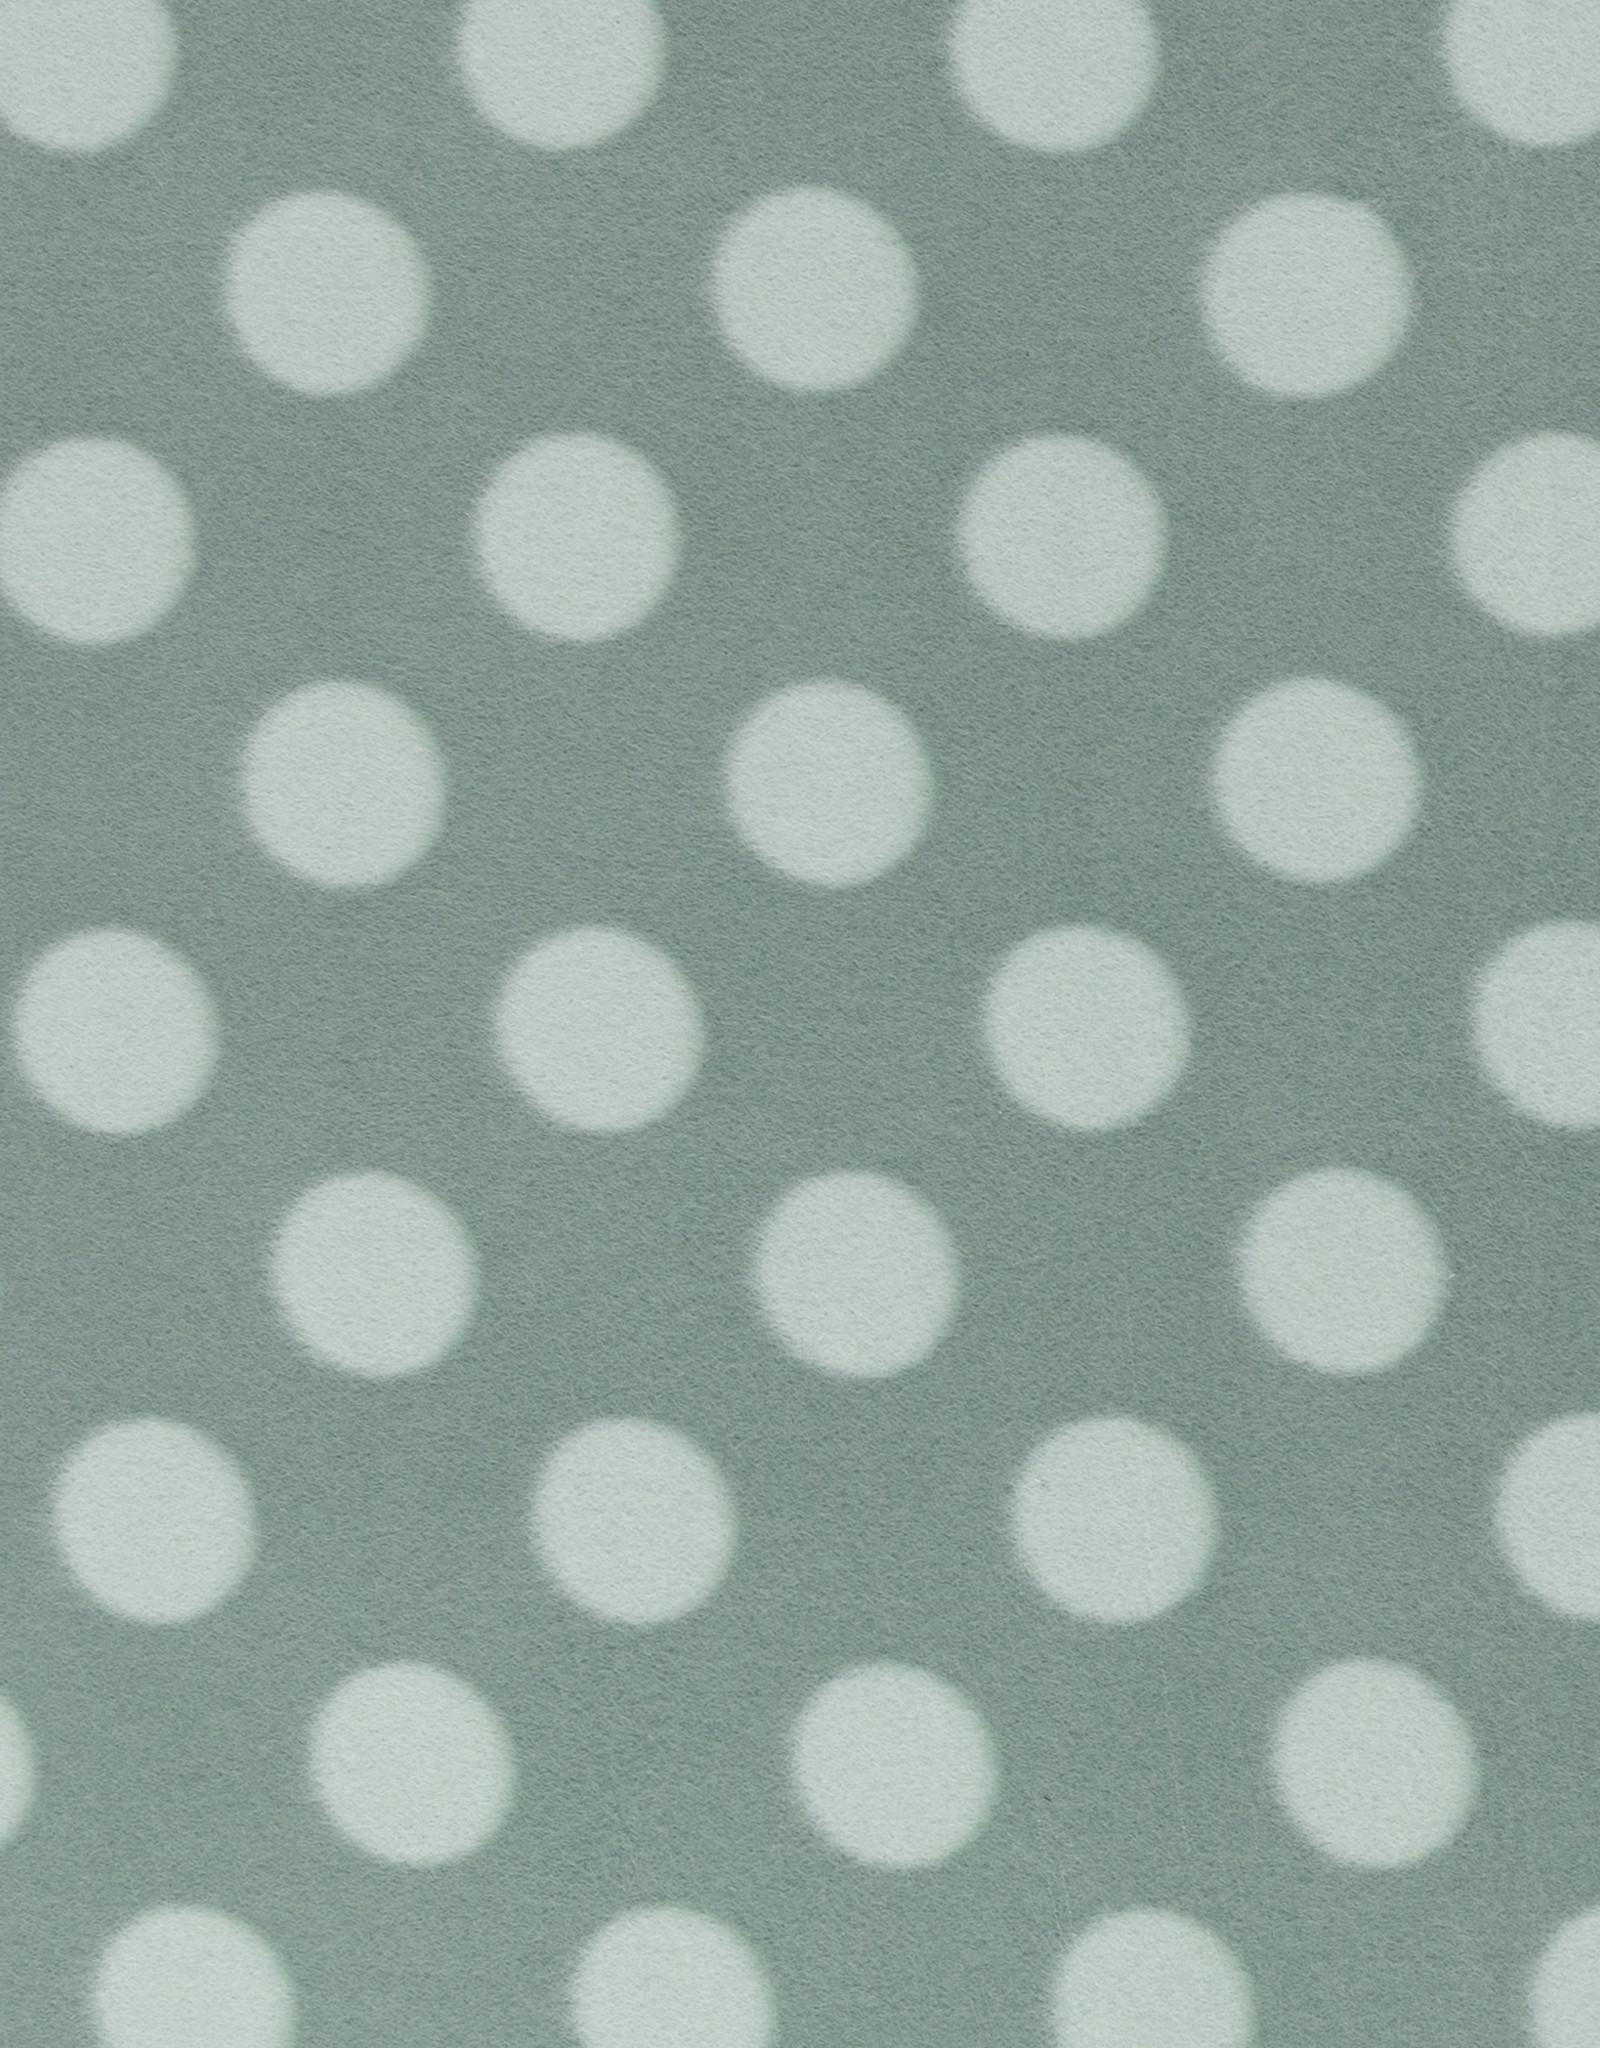 Fleece dots emerald/mint green